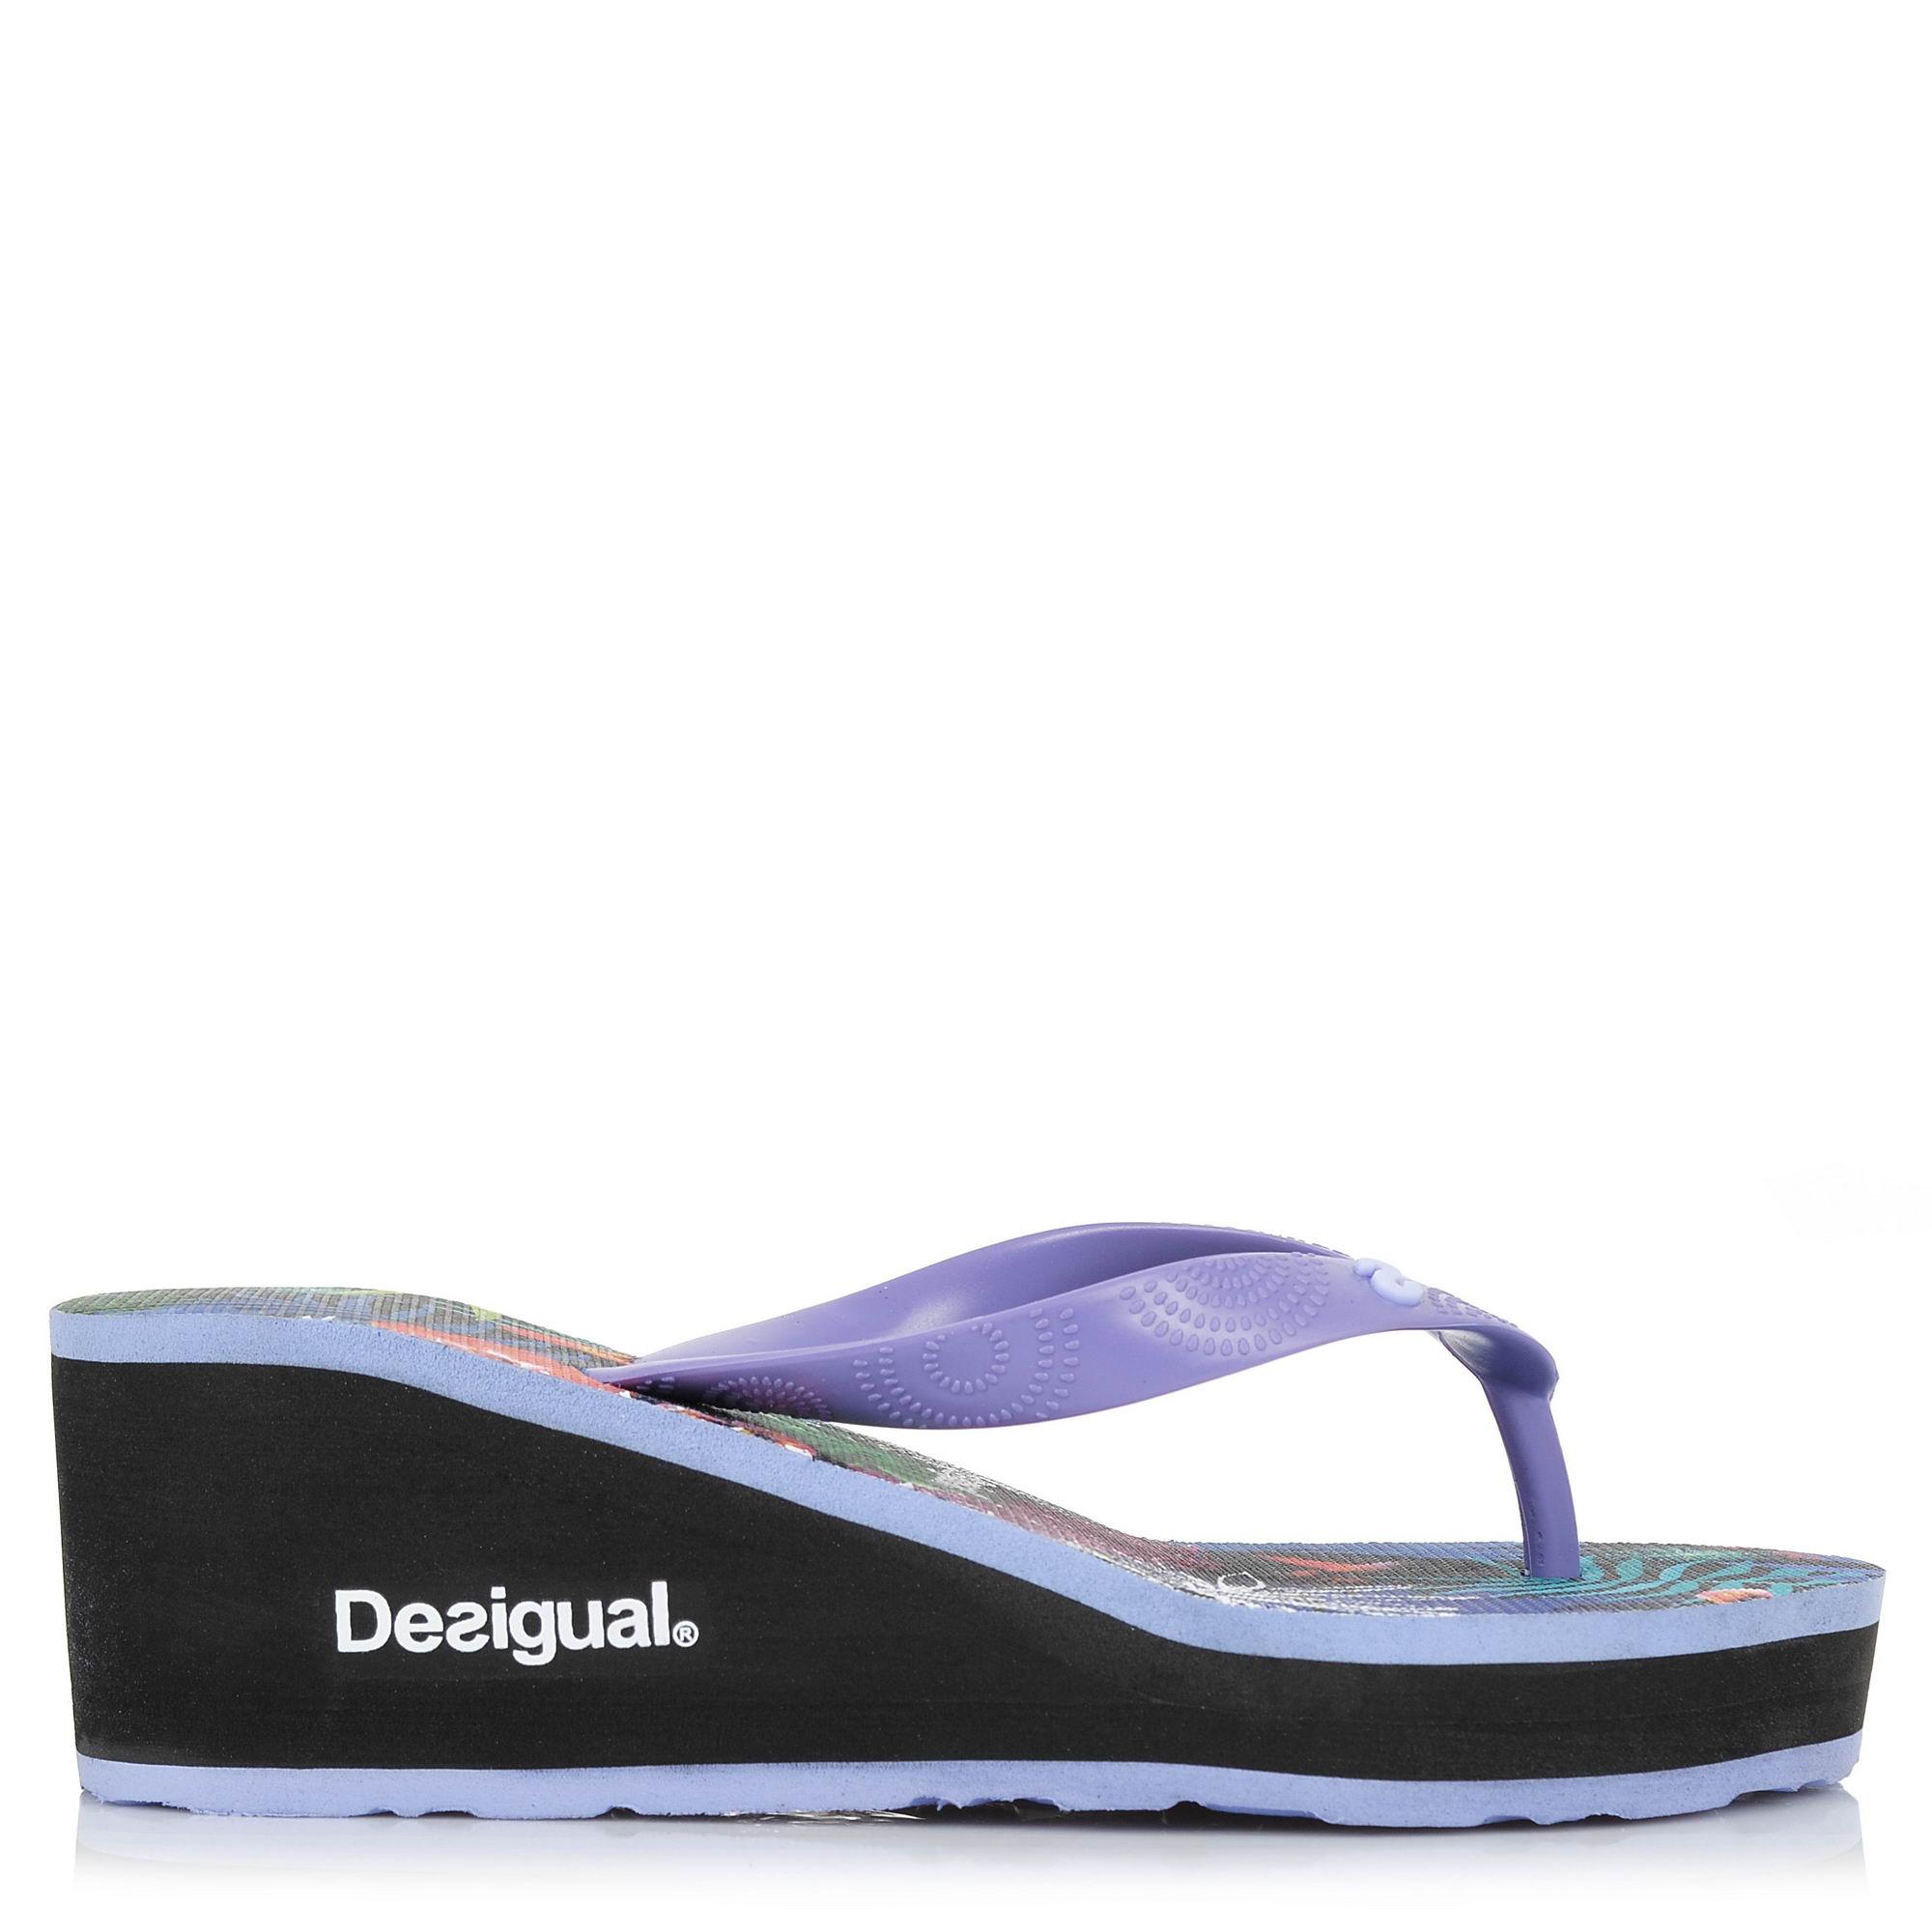 Σαγιονάρες Desigual Shoes Lola Tropical 18SSHF22 γυναικα   γυναικείο παπούτσι